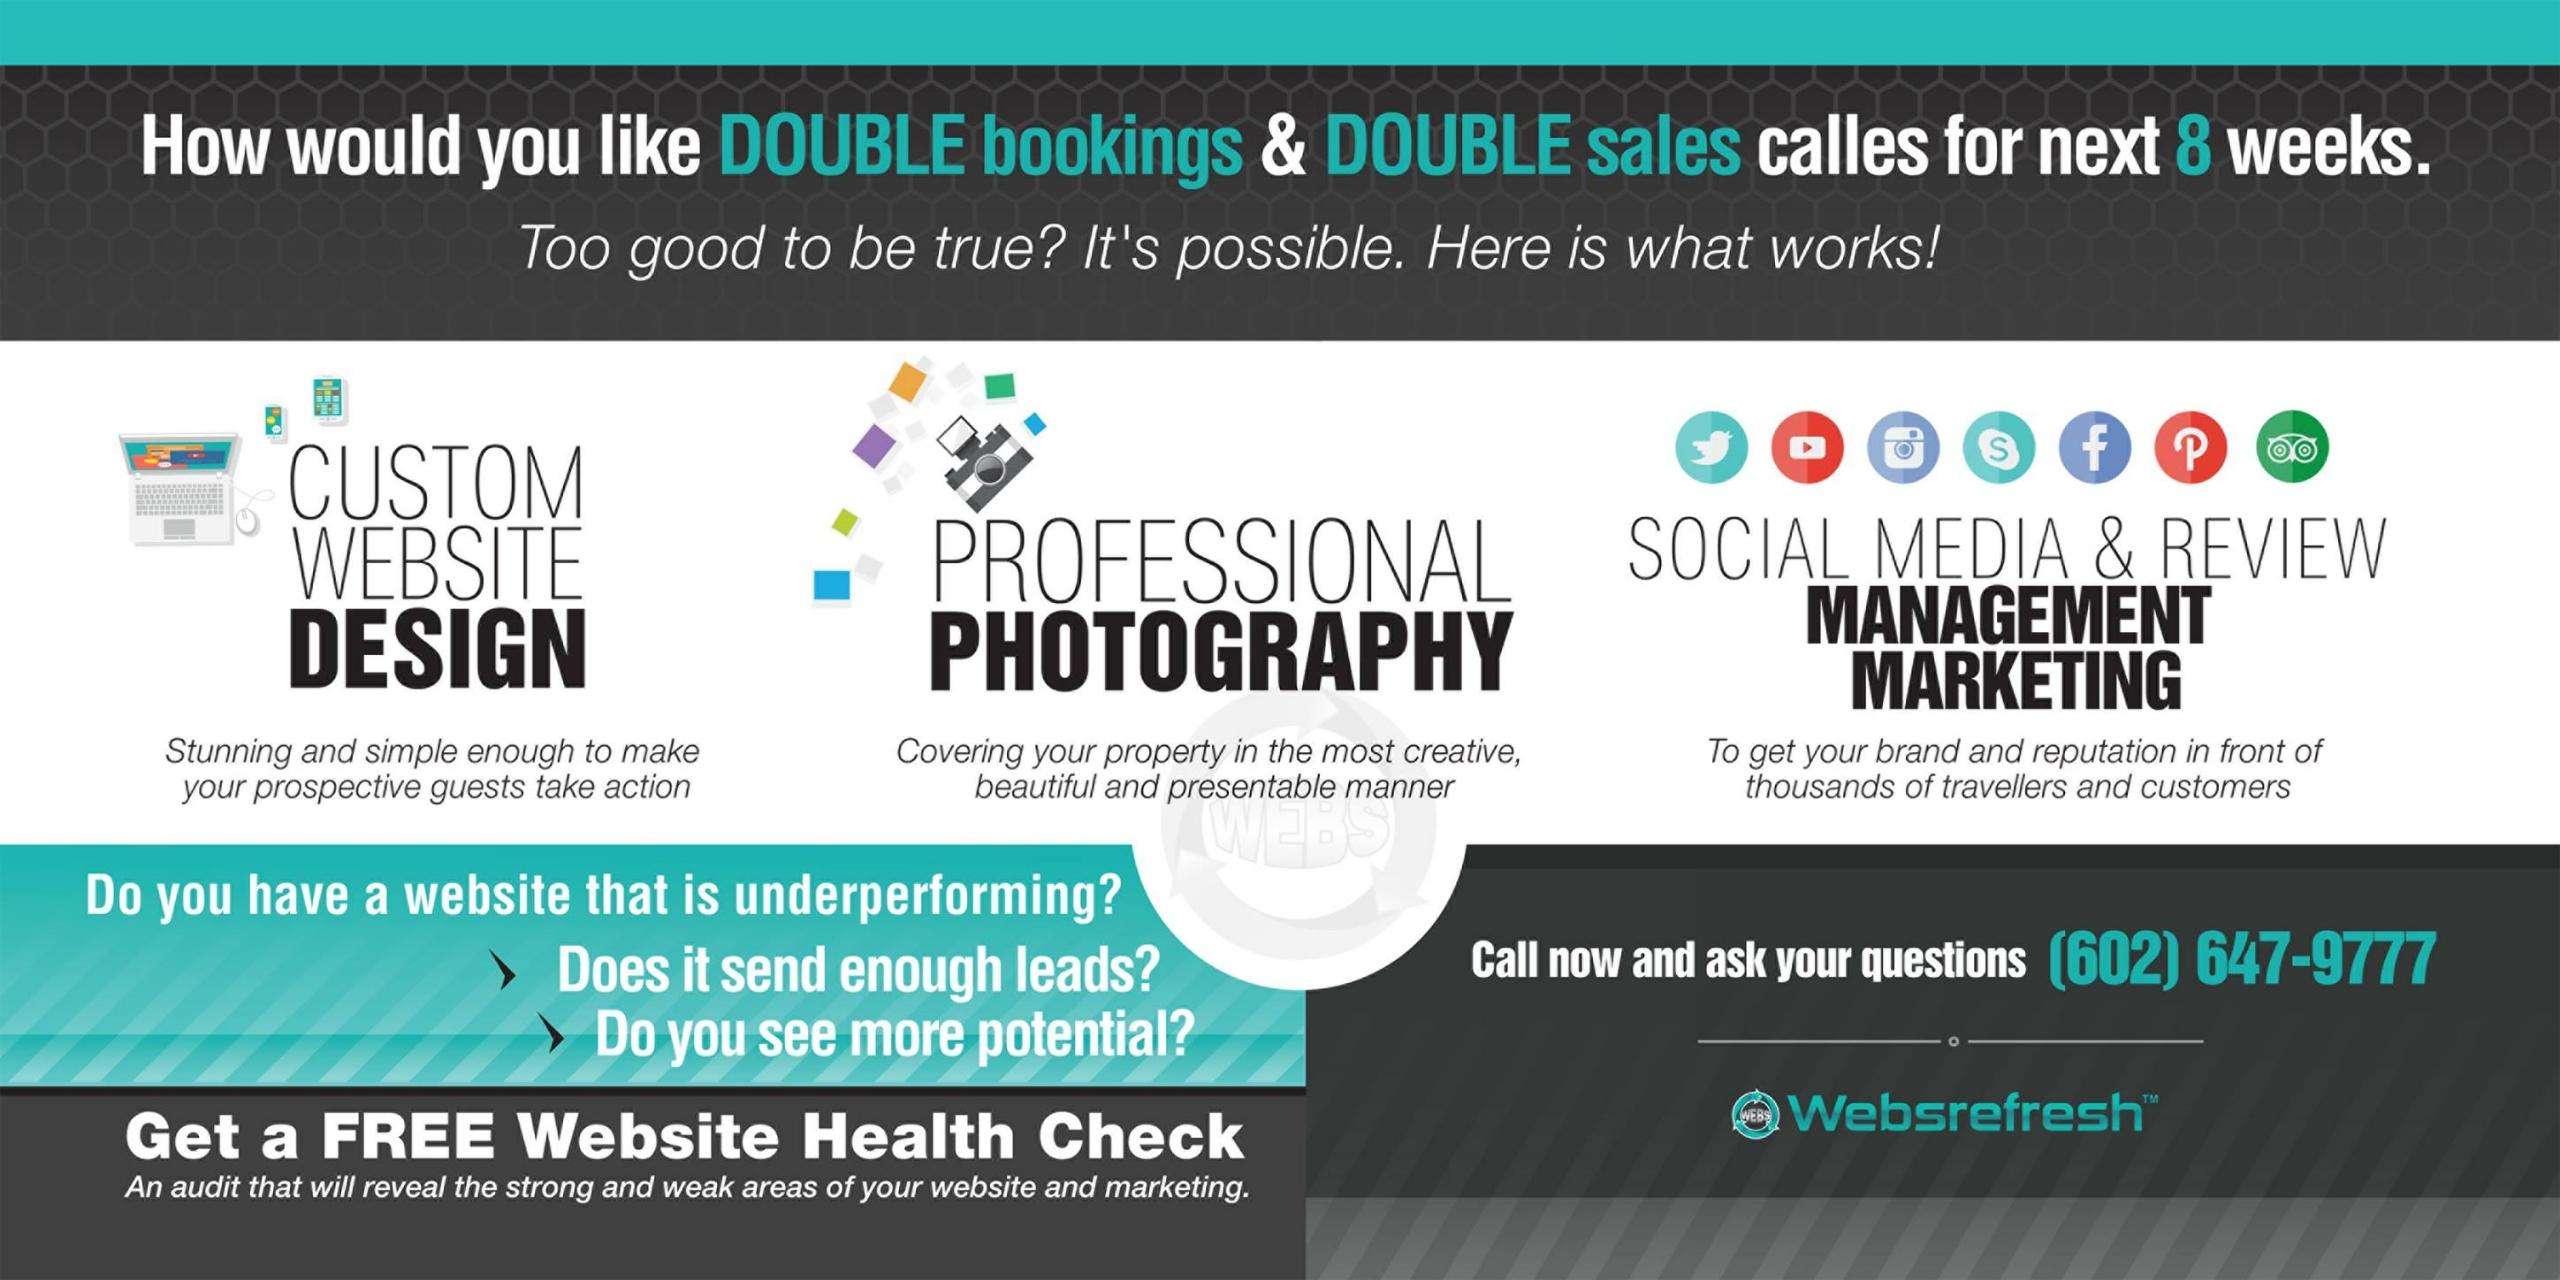 Websrefresh - Hotel digital marketing agency, PHX (@websrefresh) Cover Image